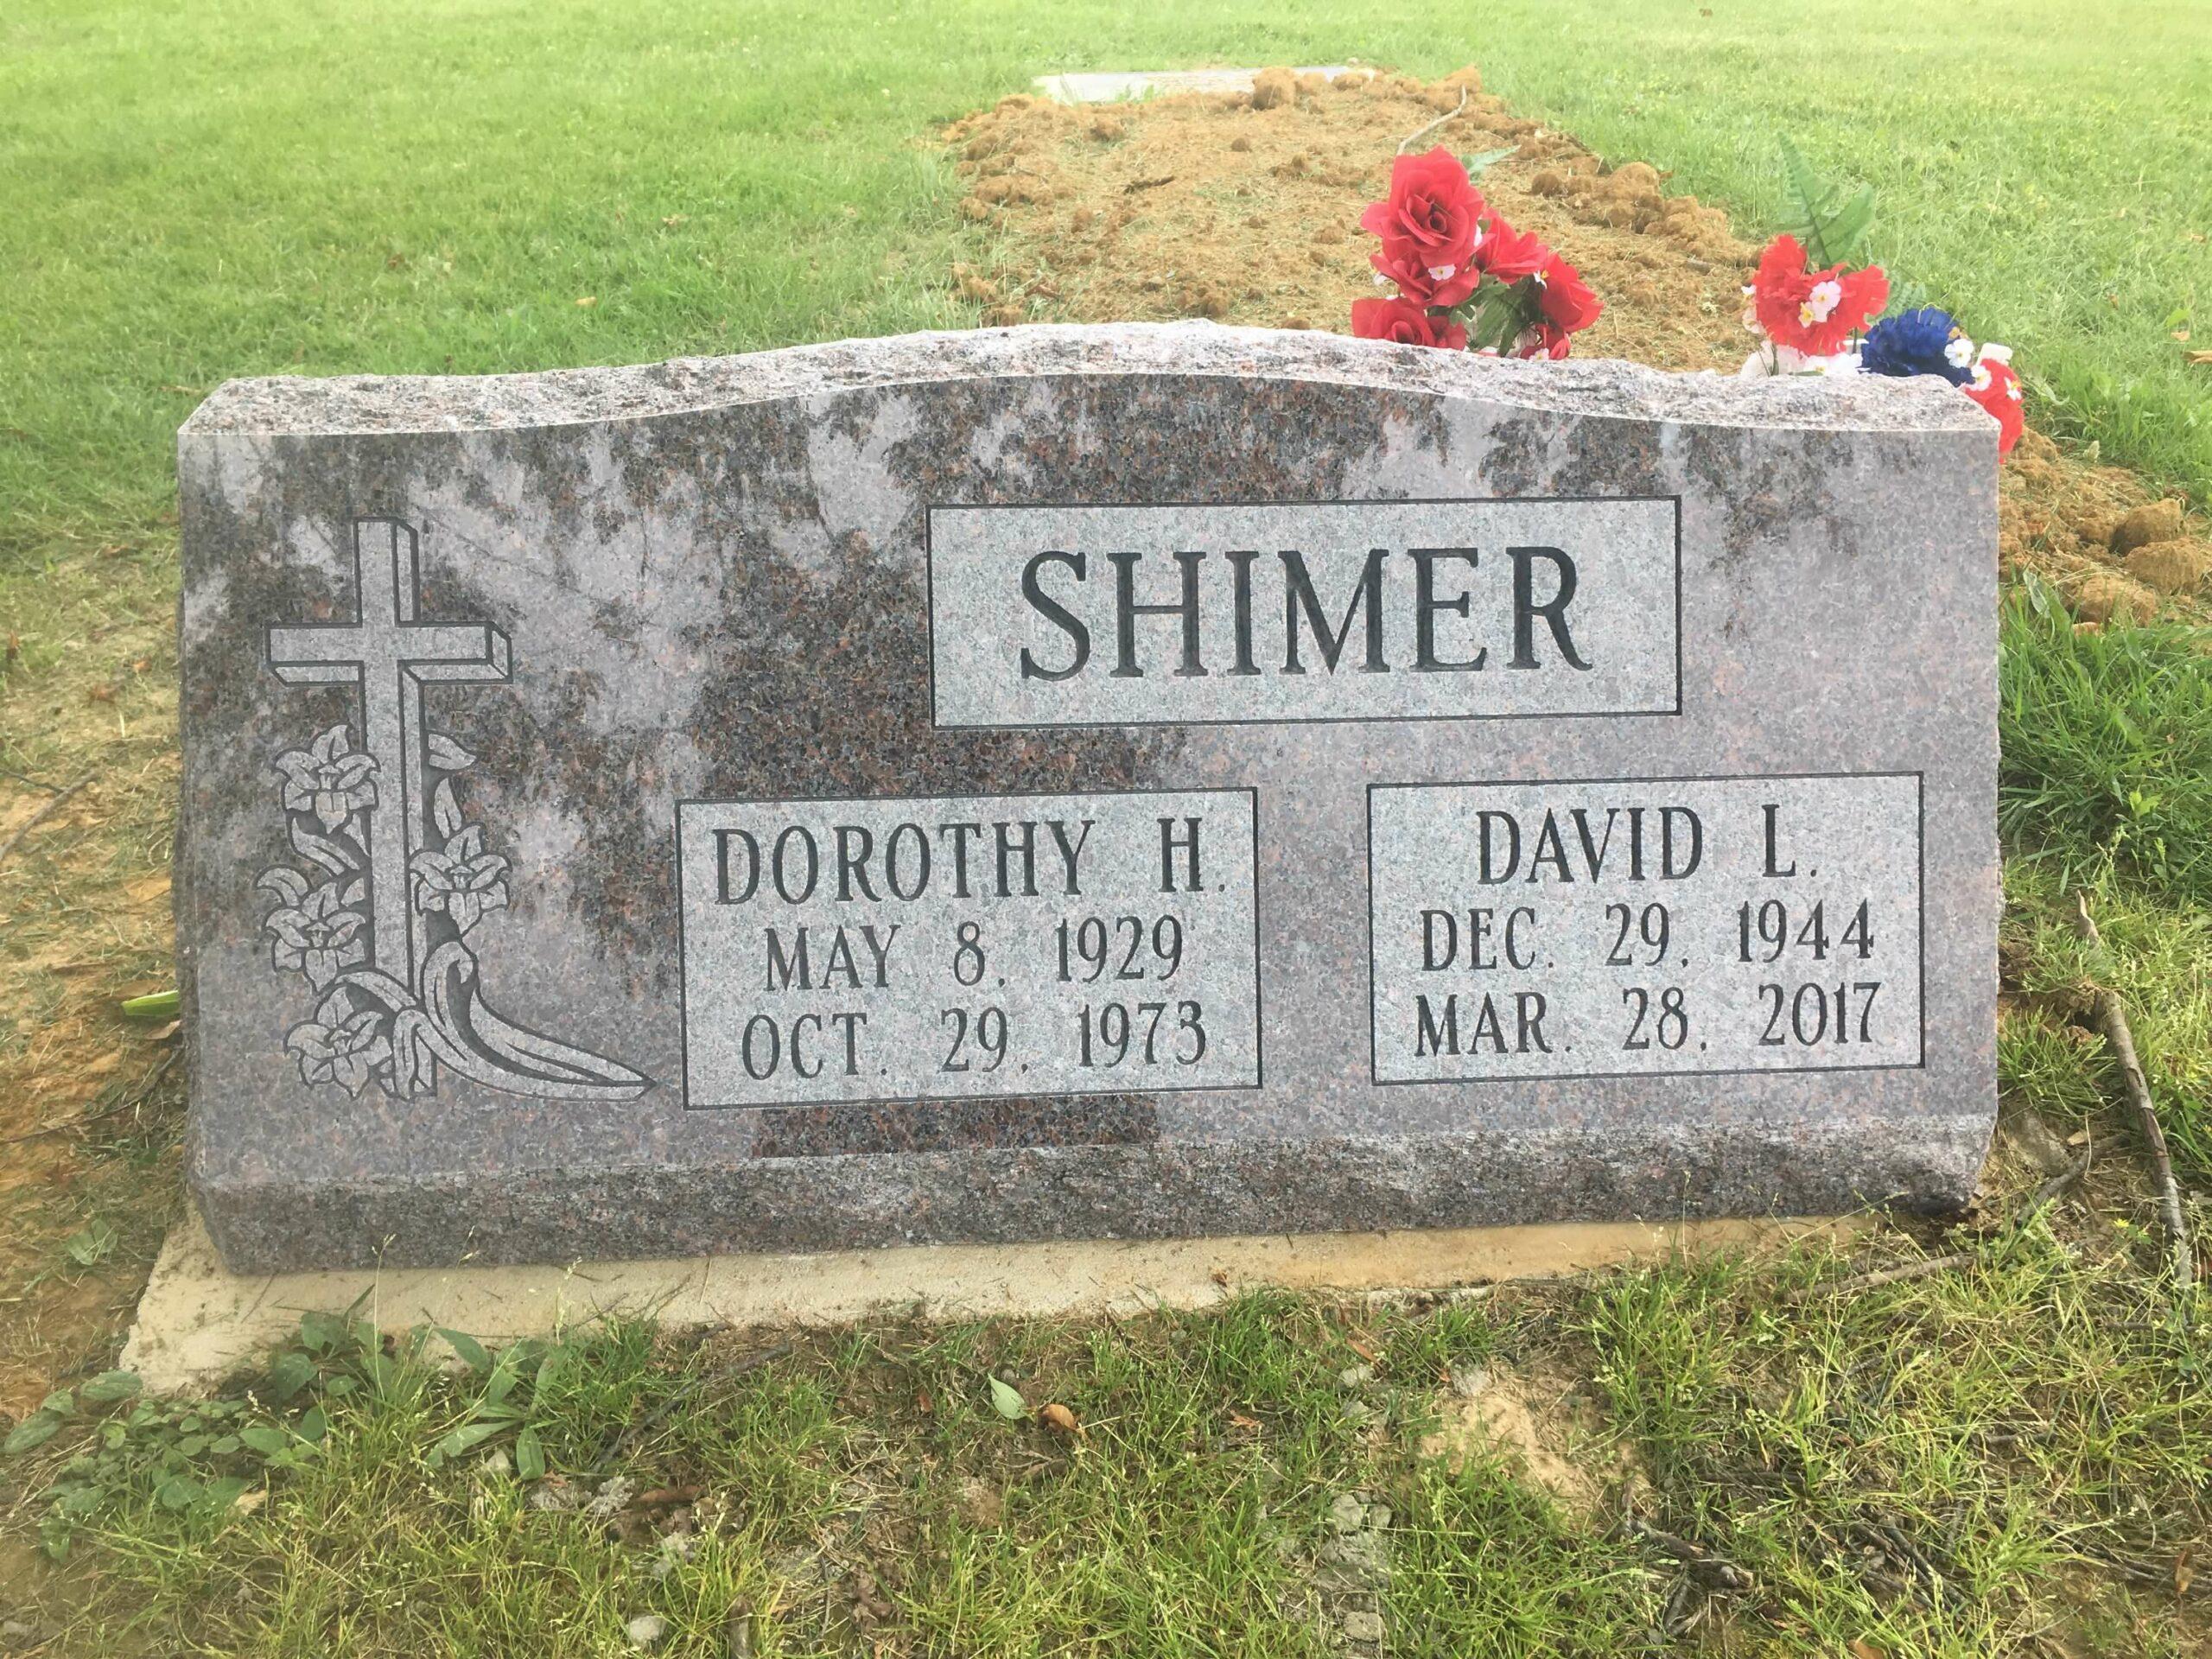 Shimer, David L.